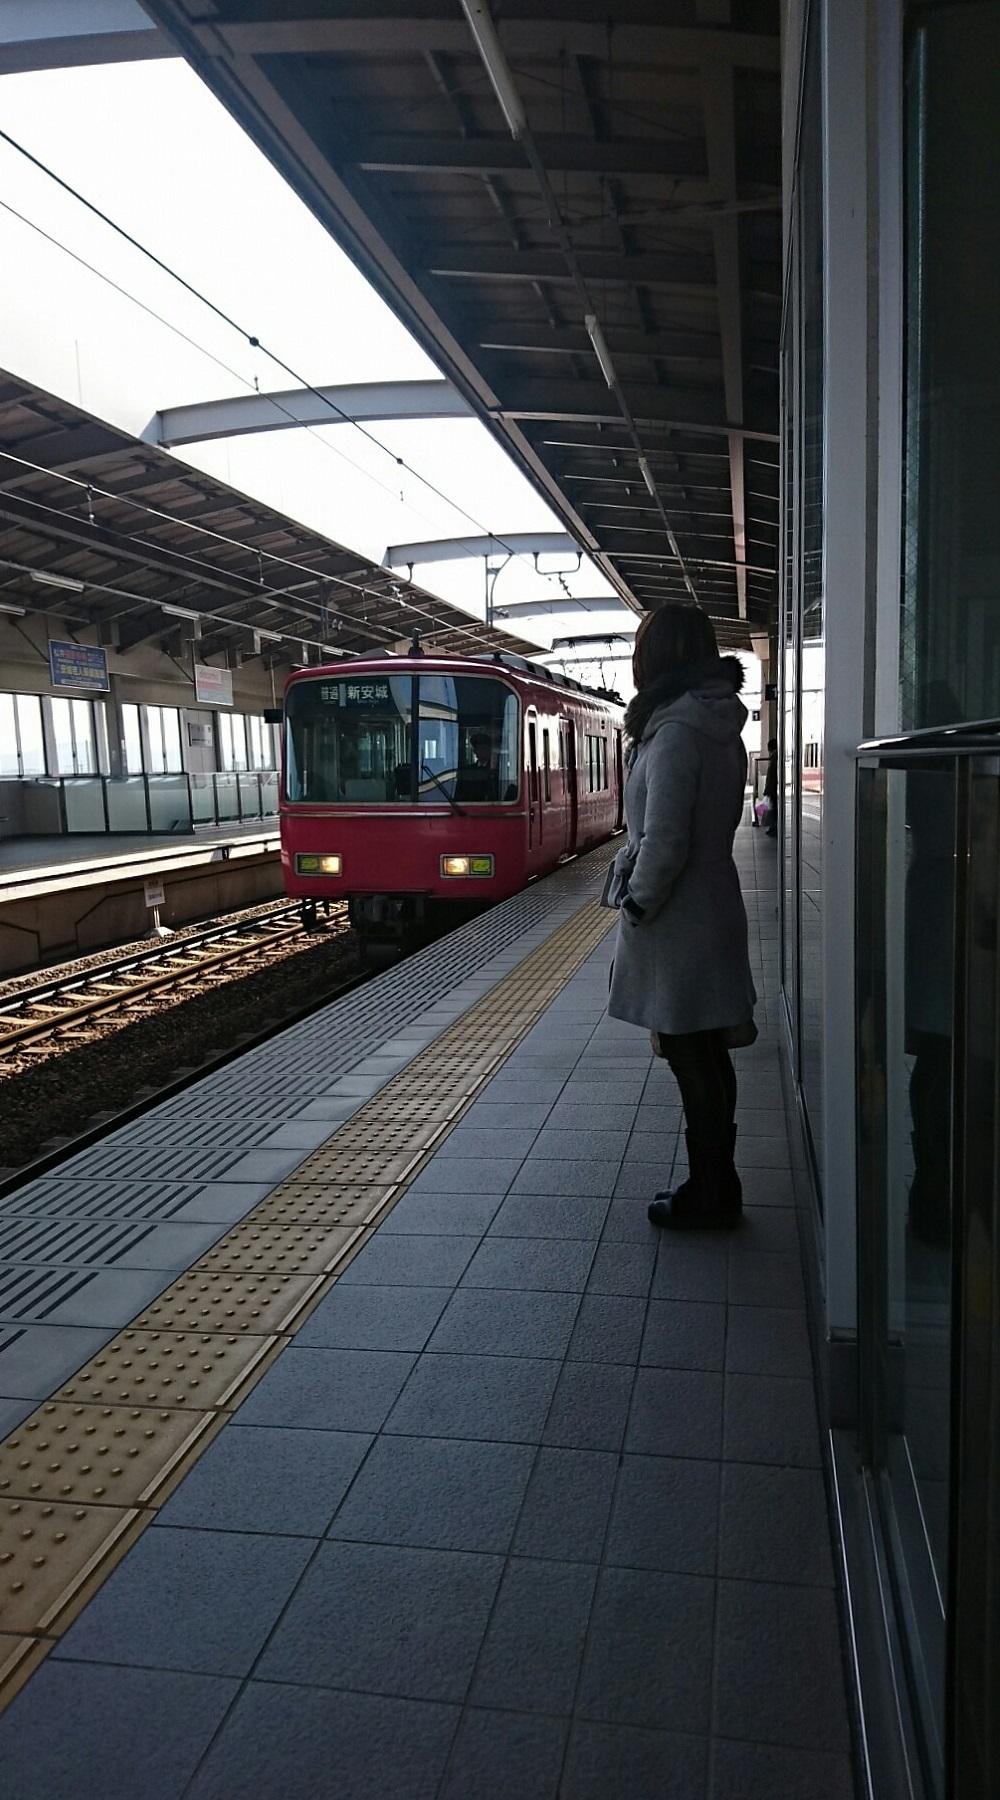 2018.2.20 アクトス (3) 桜井 - しんあんじょういきふつう 1000-1800